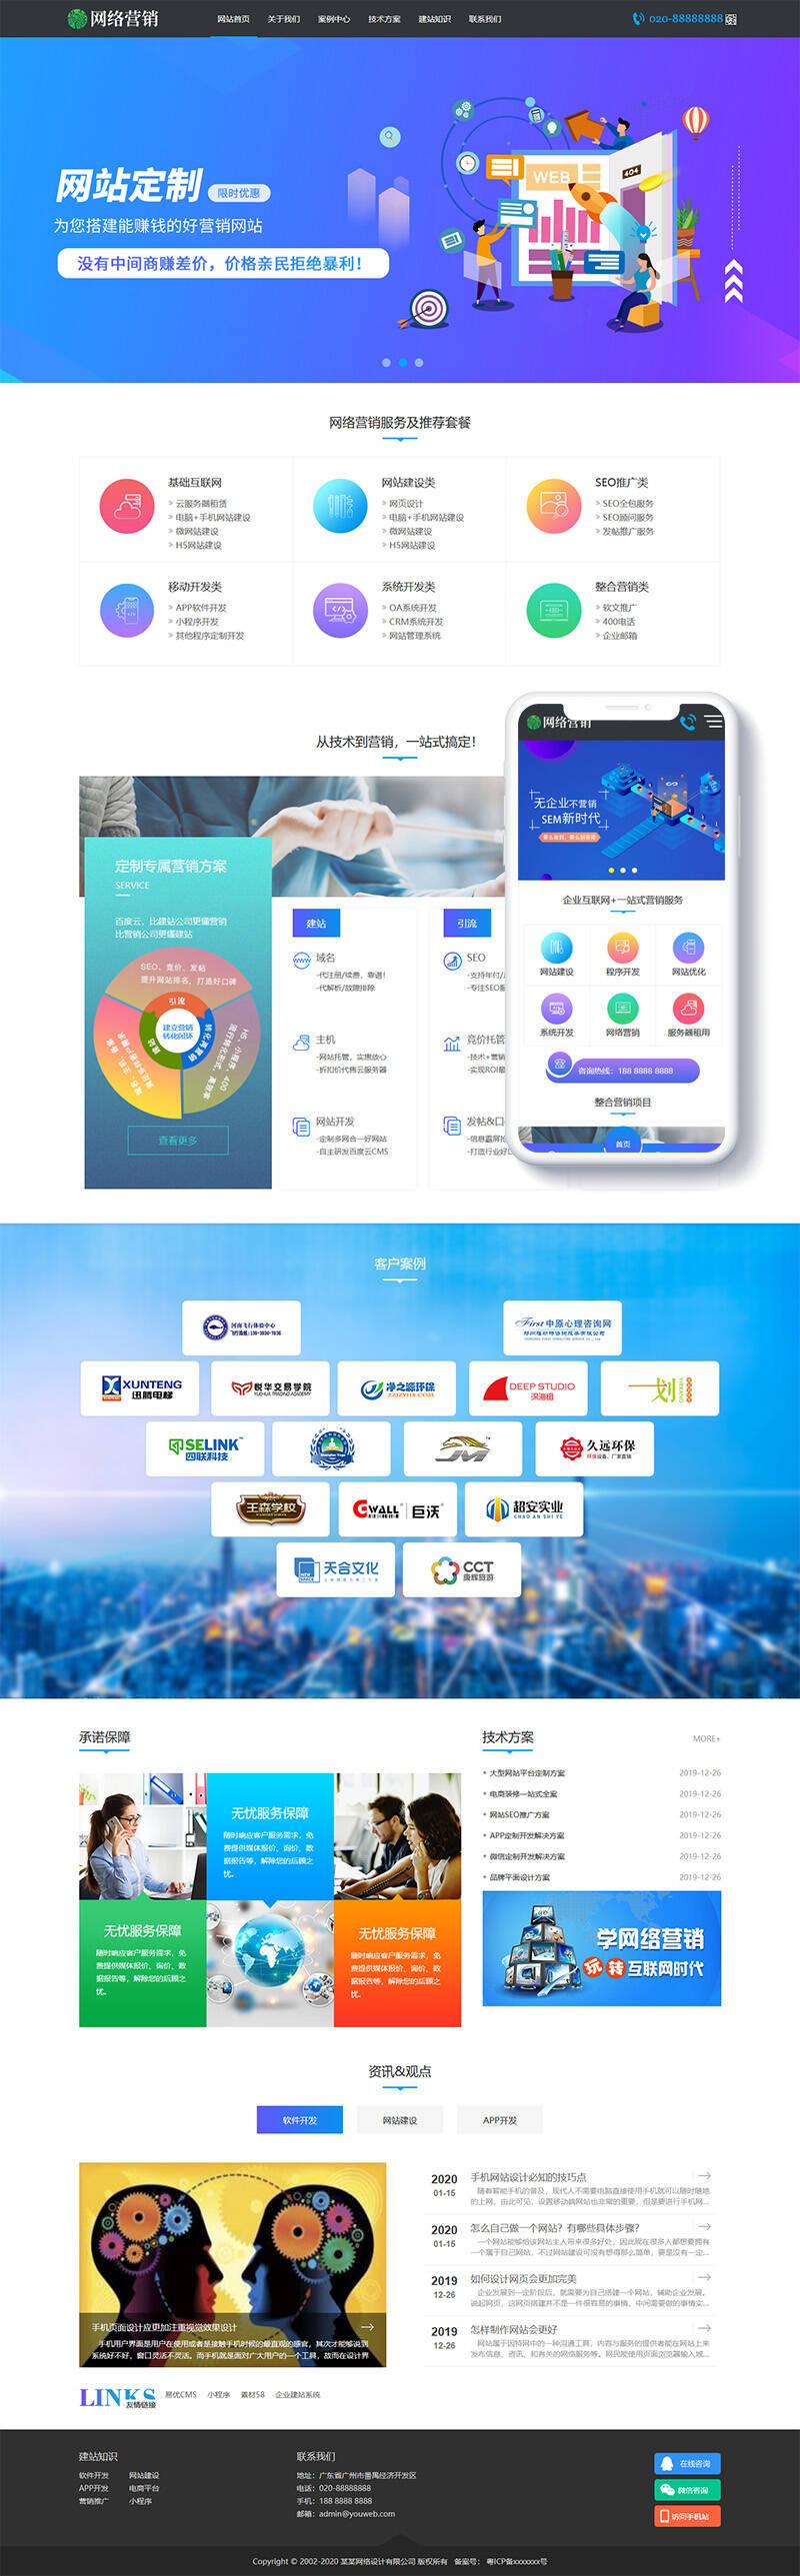 织梦dedecms响应式网站建设营销类网站织梦模板,PC+wap+利于SEO优化